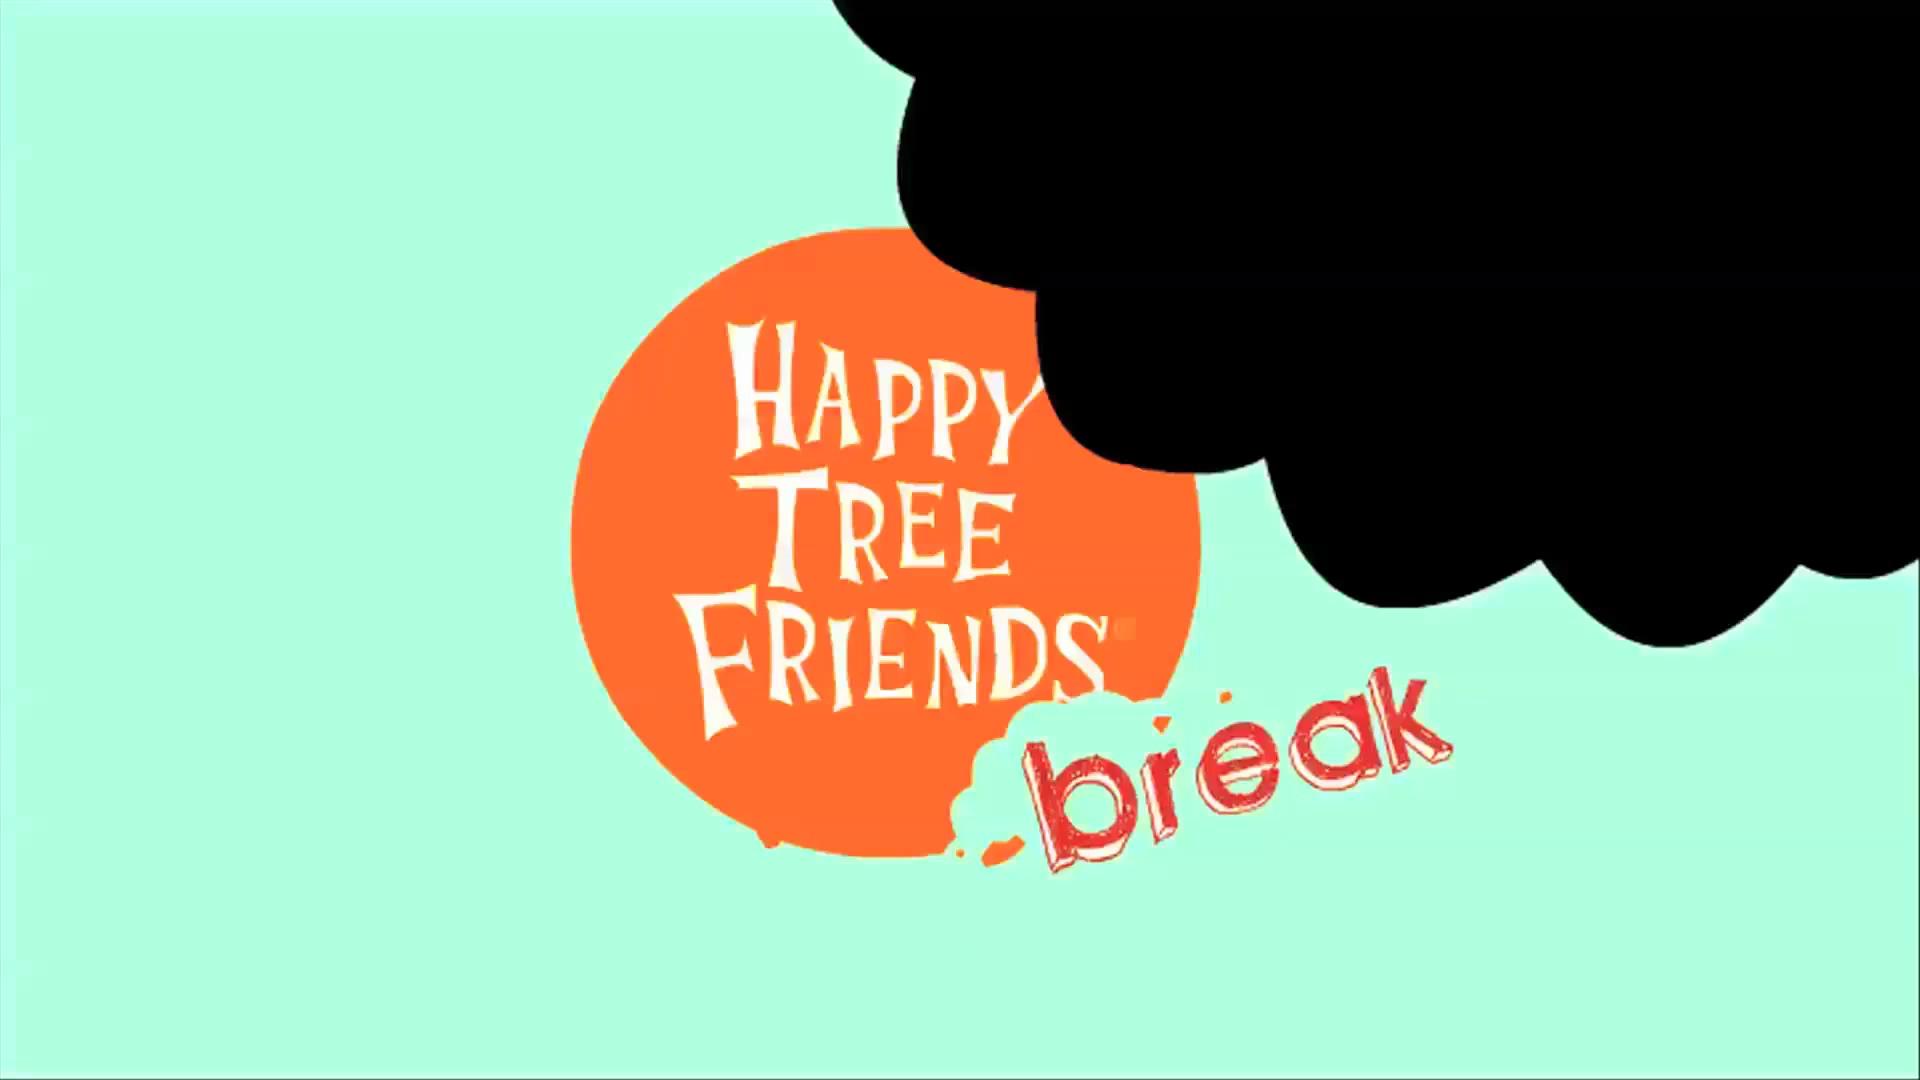 انیمیشن دوستان درختی شاد-فصل HTF Break قسمت 12- سال 2008- تمام قسمت ها در لینک زیر این ویدیو